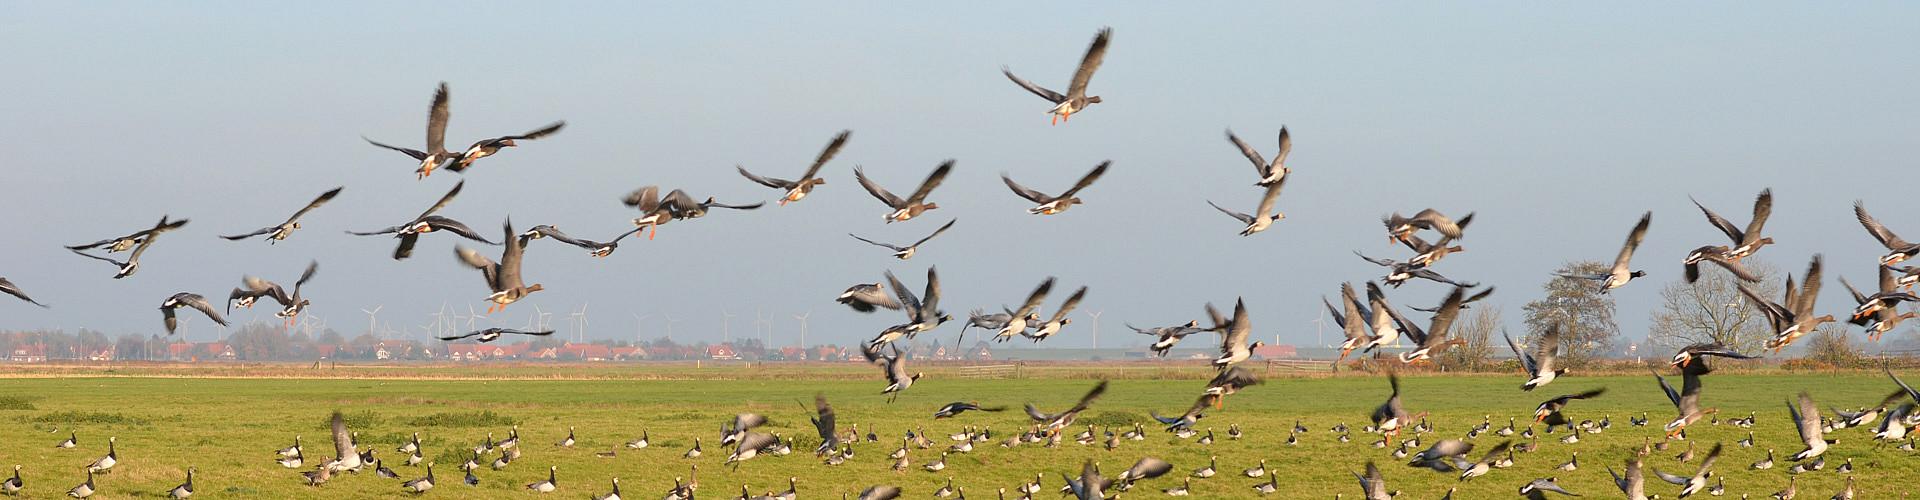 Jährlich locken die Zugvogeltage nach Ostfriesland.